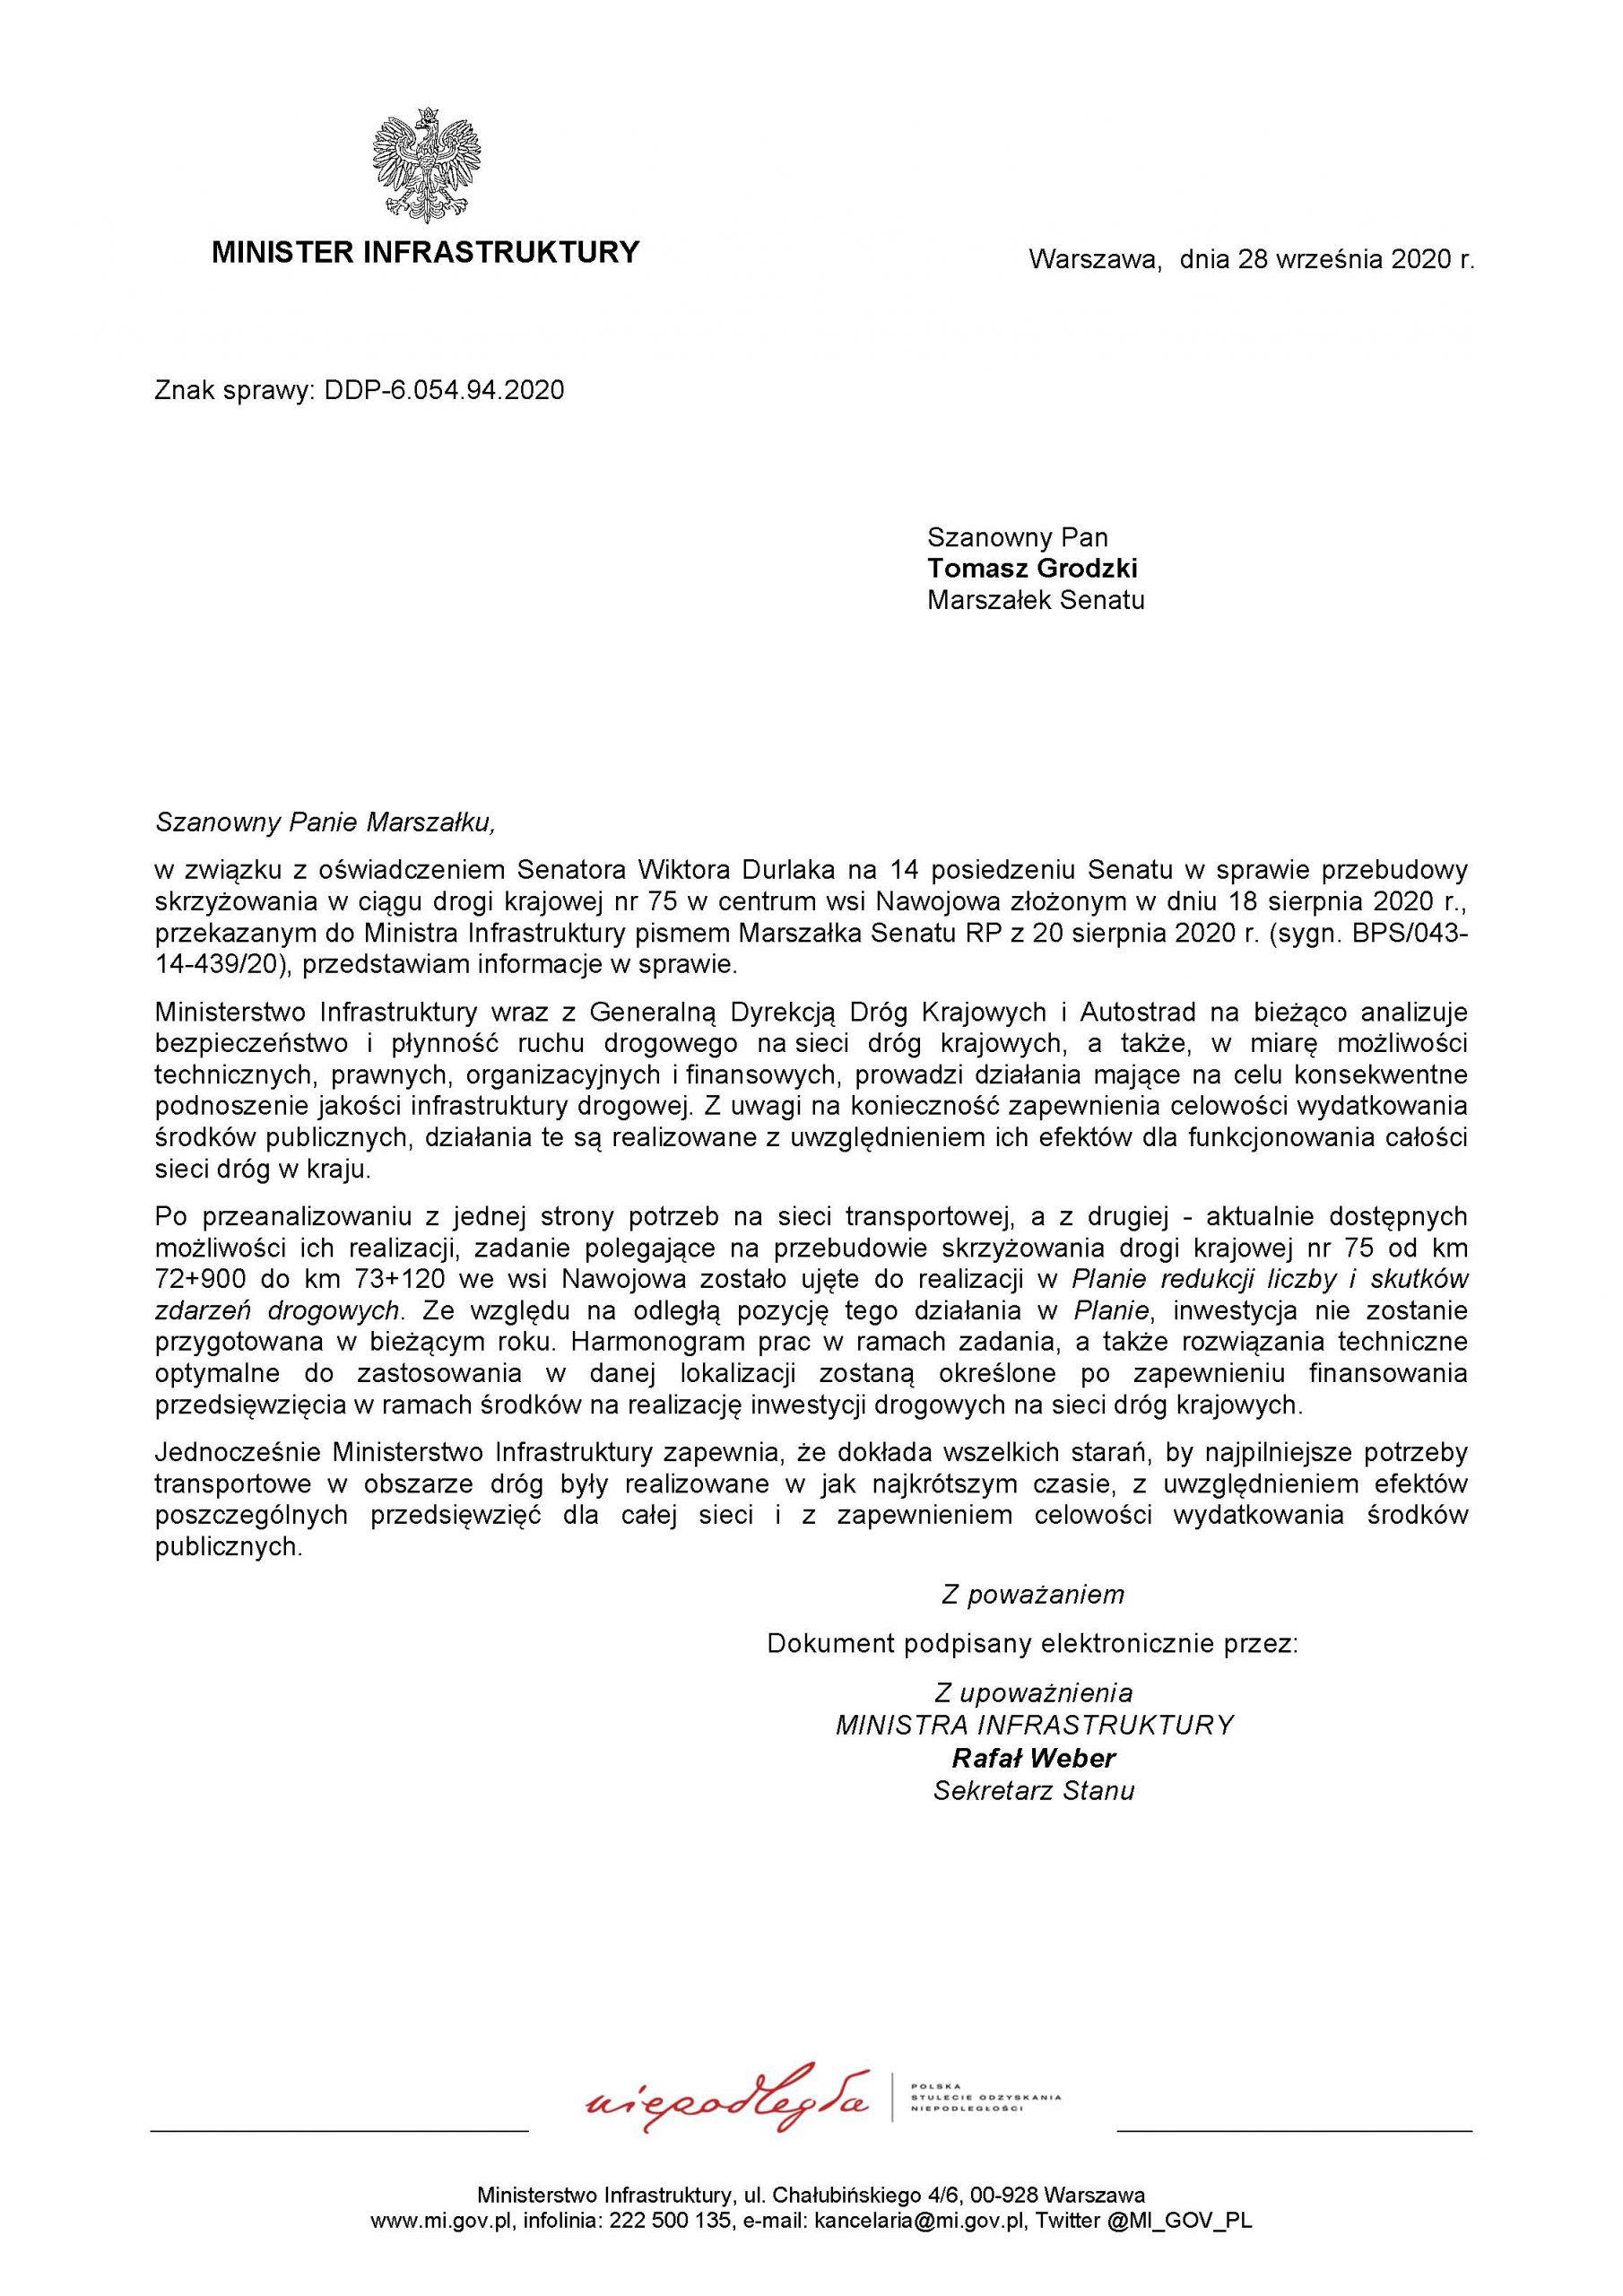 """Odpowiedź Ministra Infrastruktury na oświadczenie Senatora RP Wiktora Durlaka ws. """"Przebudowy skrzyżowania w ciągu drogi krajowej nr 75"""" 1"""